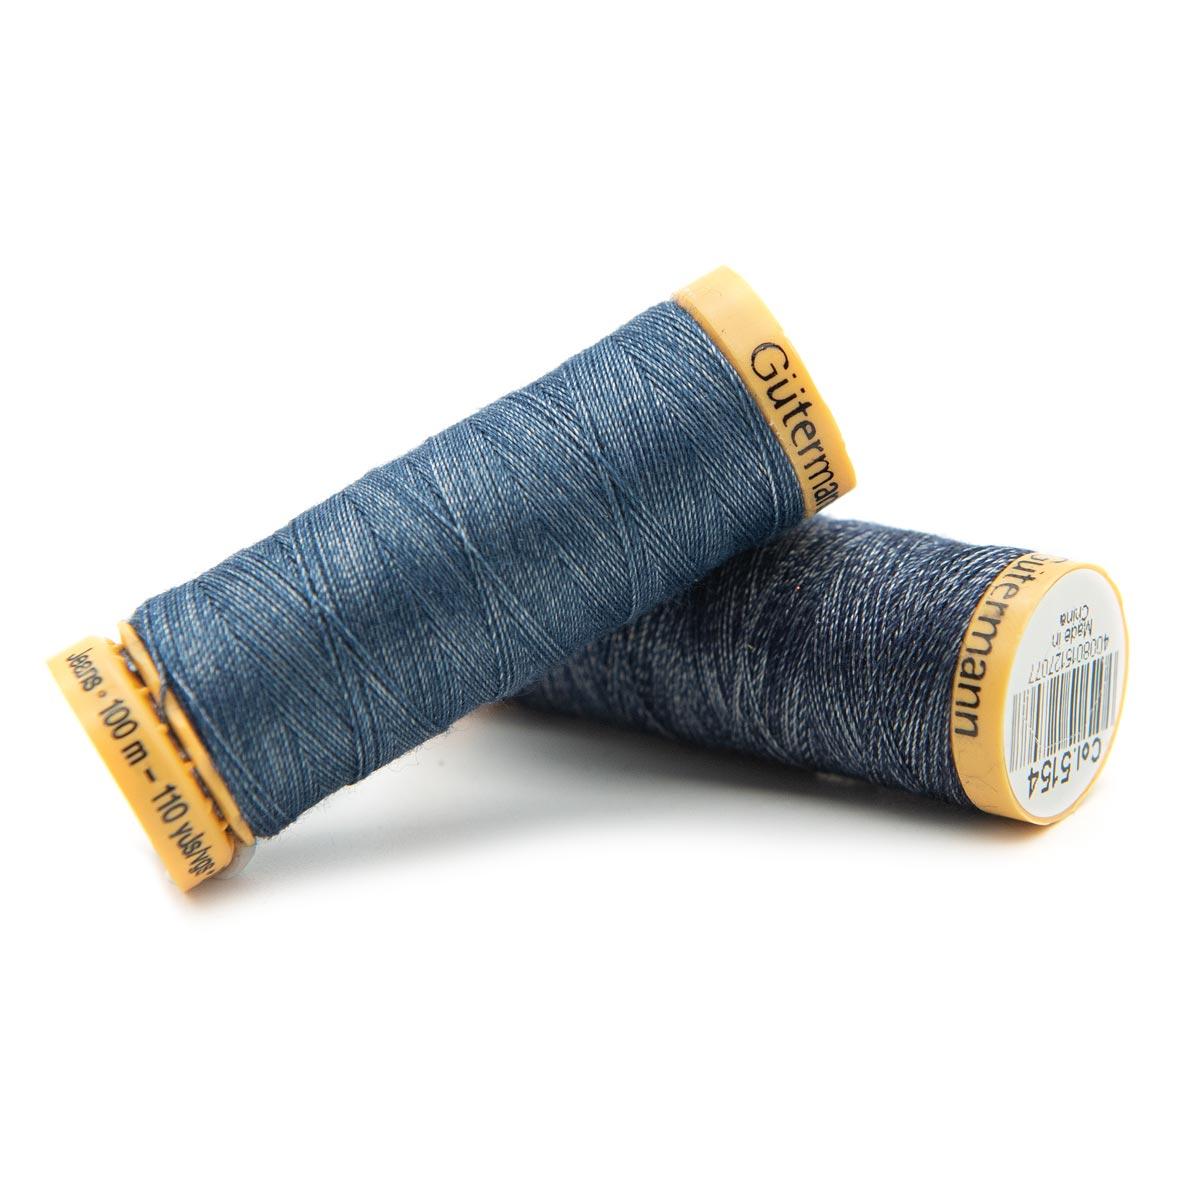 Набор нитей 'Джинсовый' (744476 Нить джинсовая для штопки 100 м) 2 ш/упак Гутерманн